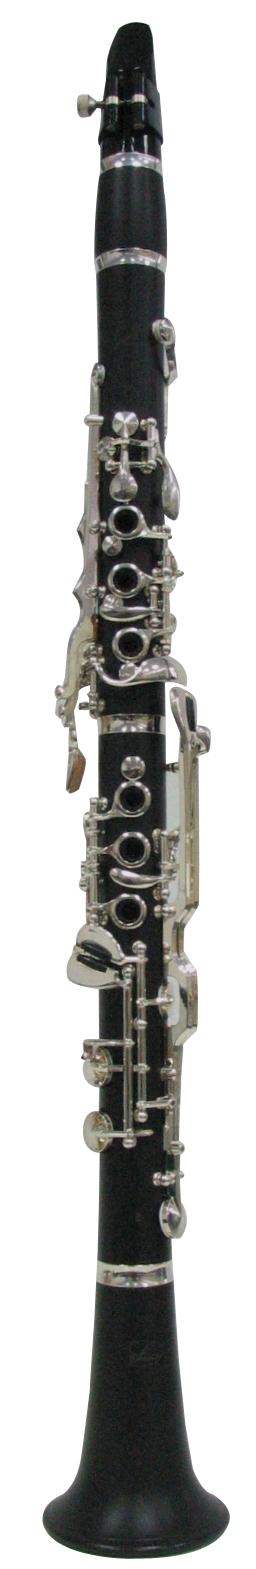 Schreiber - WS - 2613 - 2T - 0GB - D13 - Holzblasinstrumente - Klarinetten | MUSIK BERTRAM Deutschland Freiburg